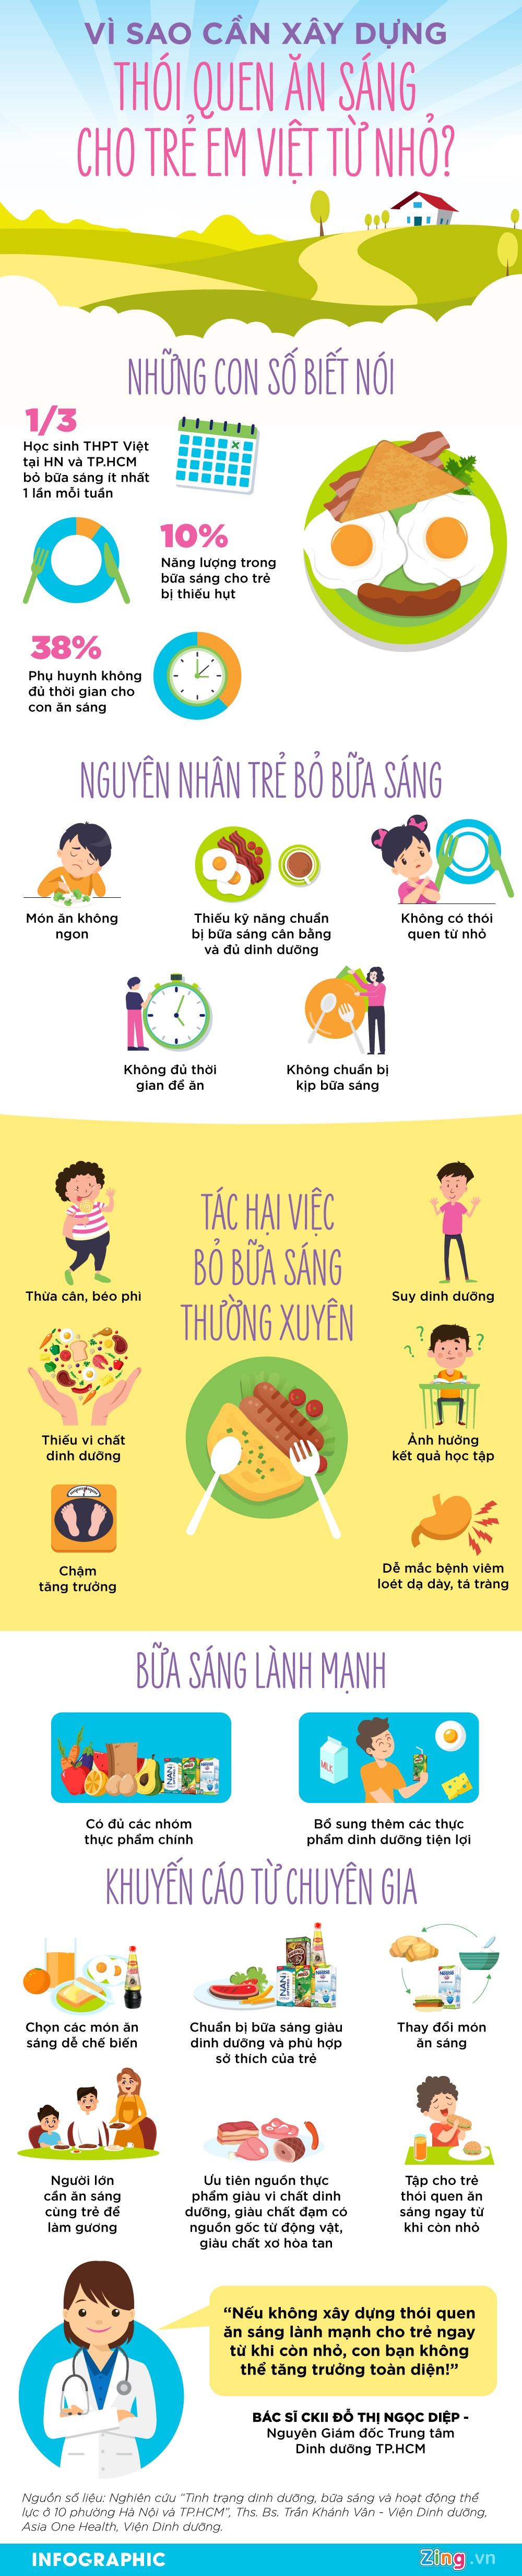 Vì sao cần xây dựng thói quen ăn sáng cho trẻ em Việt từ nhỏ?